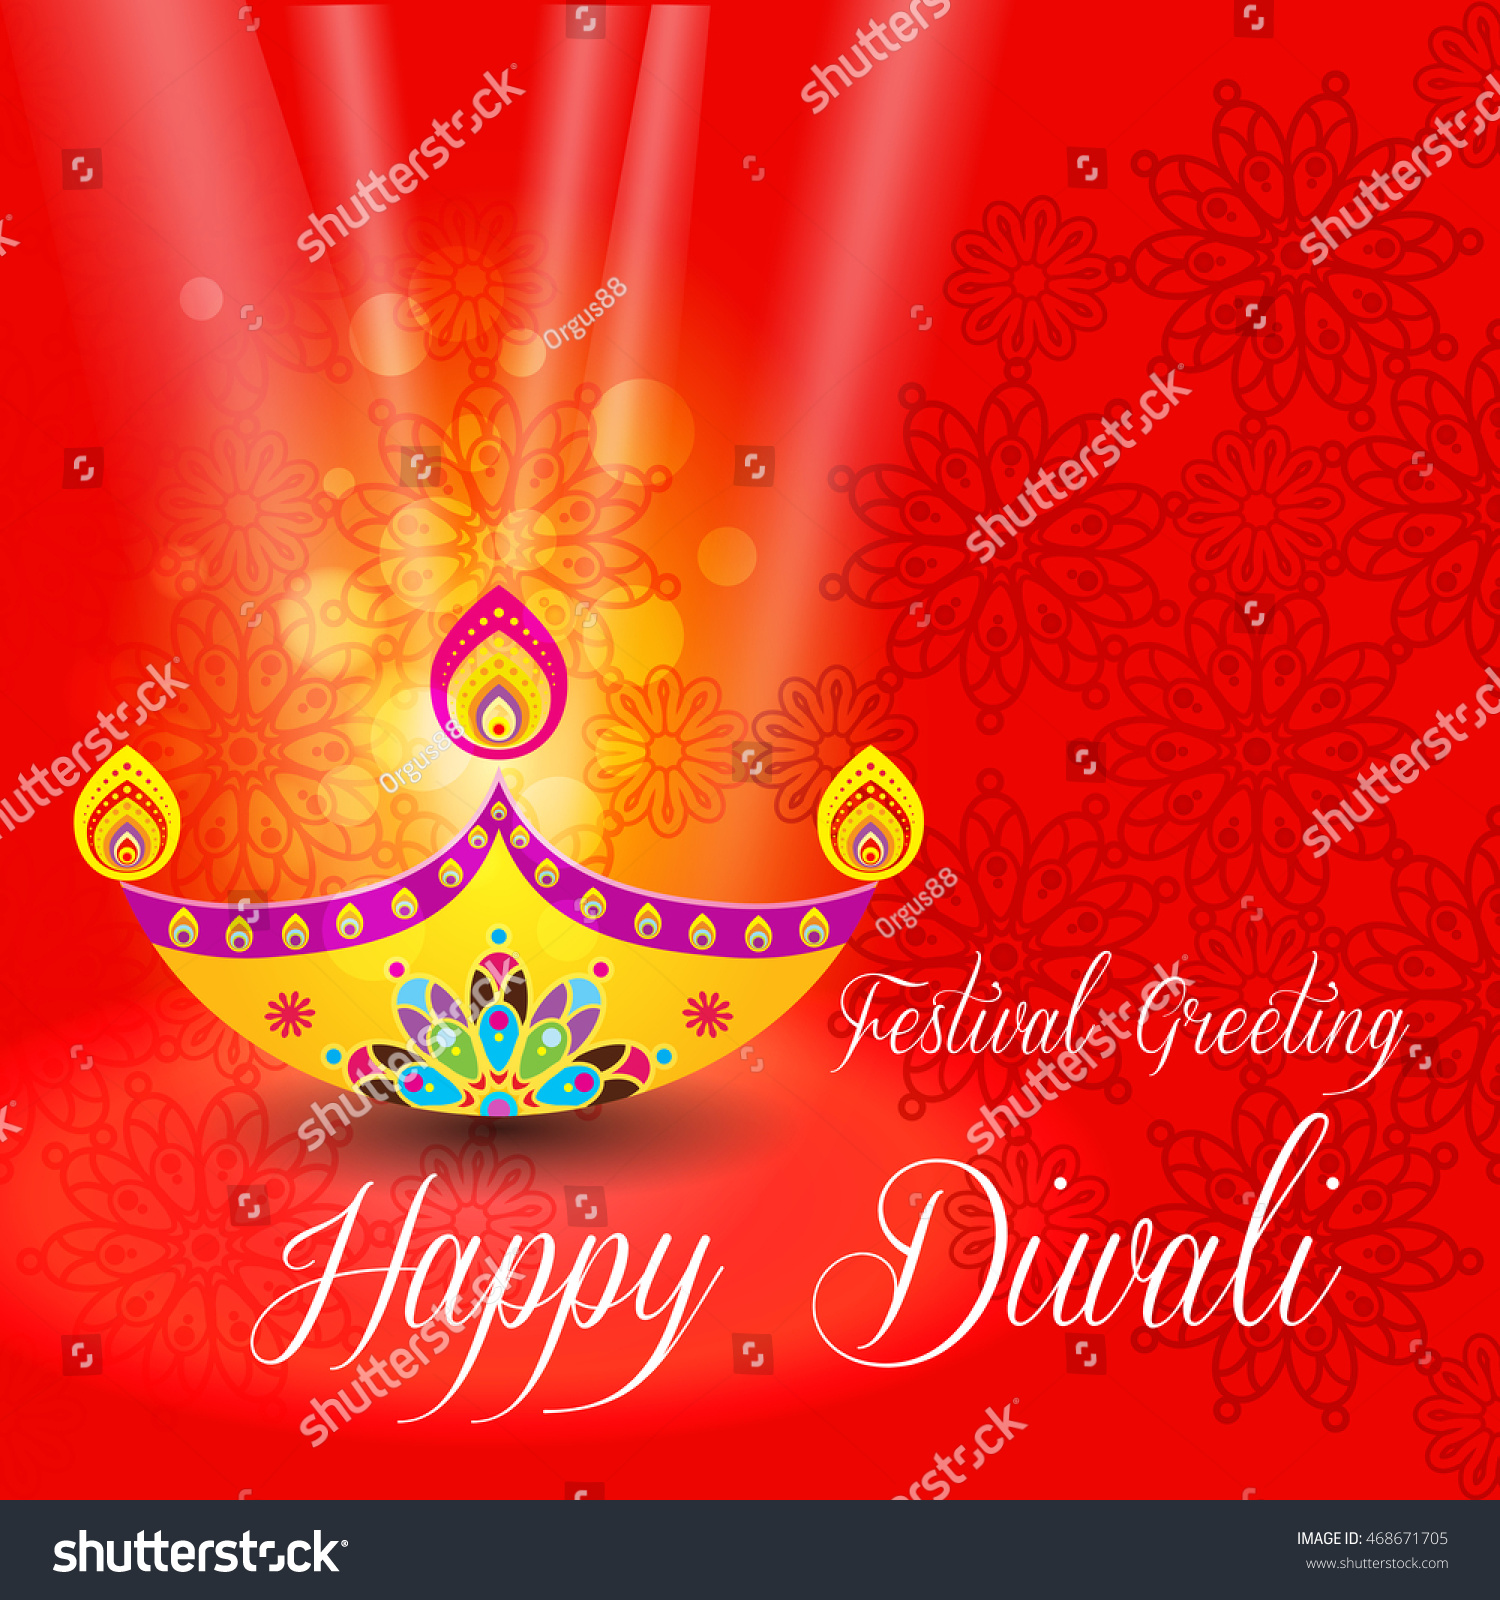 Beautiful greeting card for hindu community festival diwali happy id 468671705 m4hsunfo